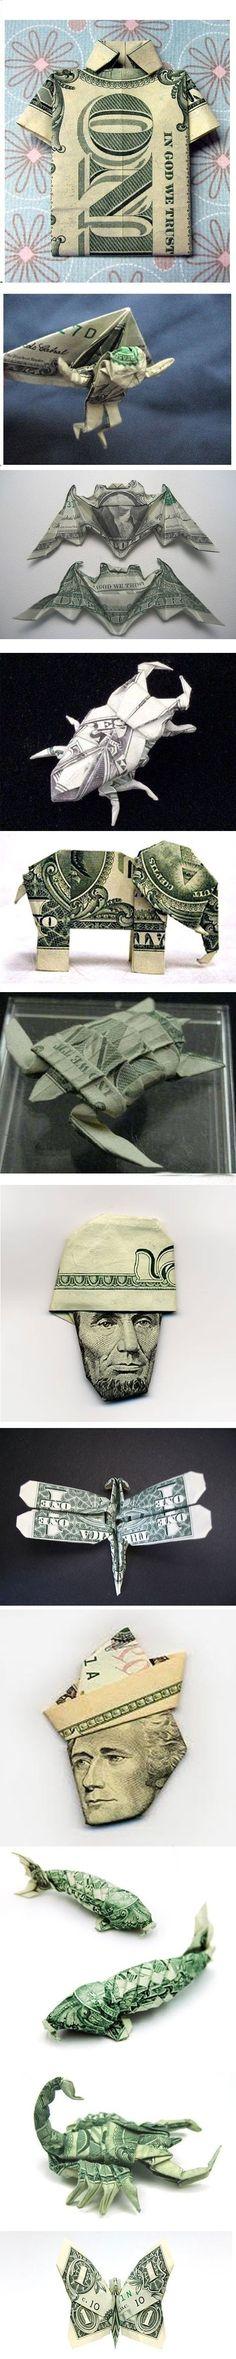 many ways to use a dollar